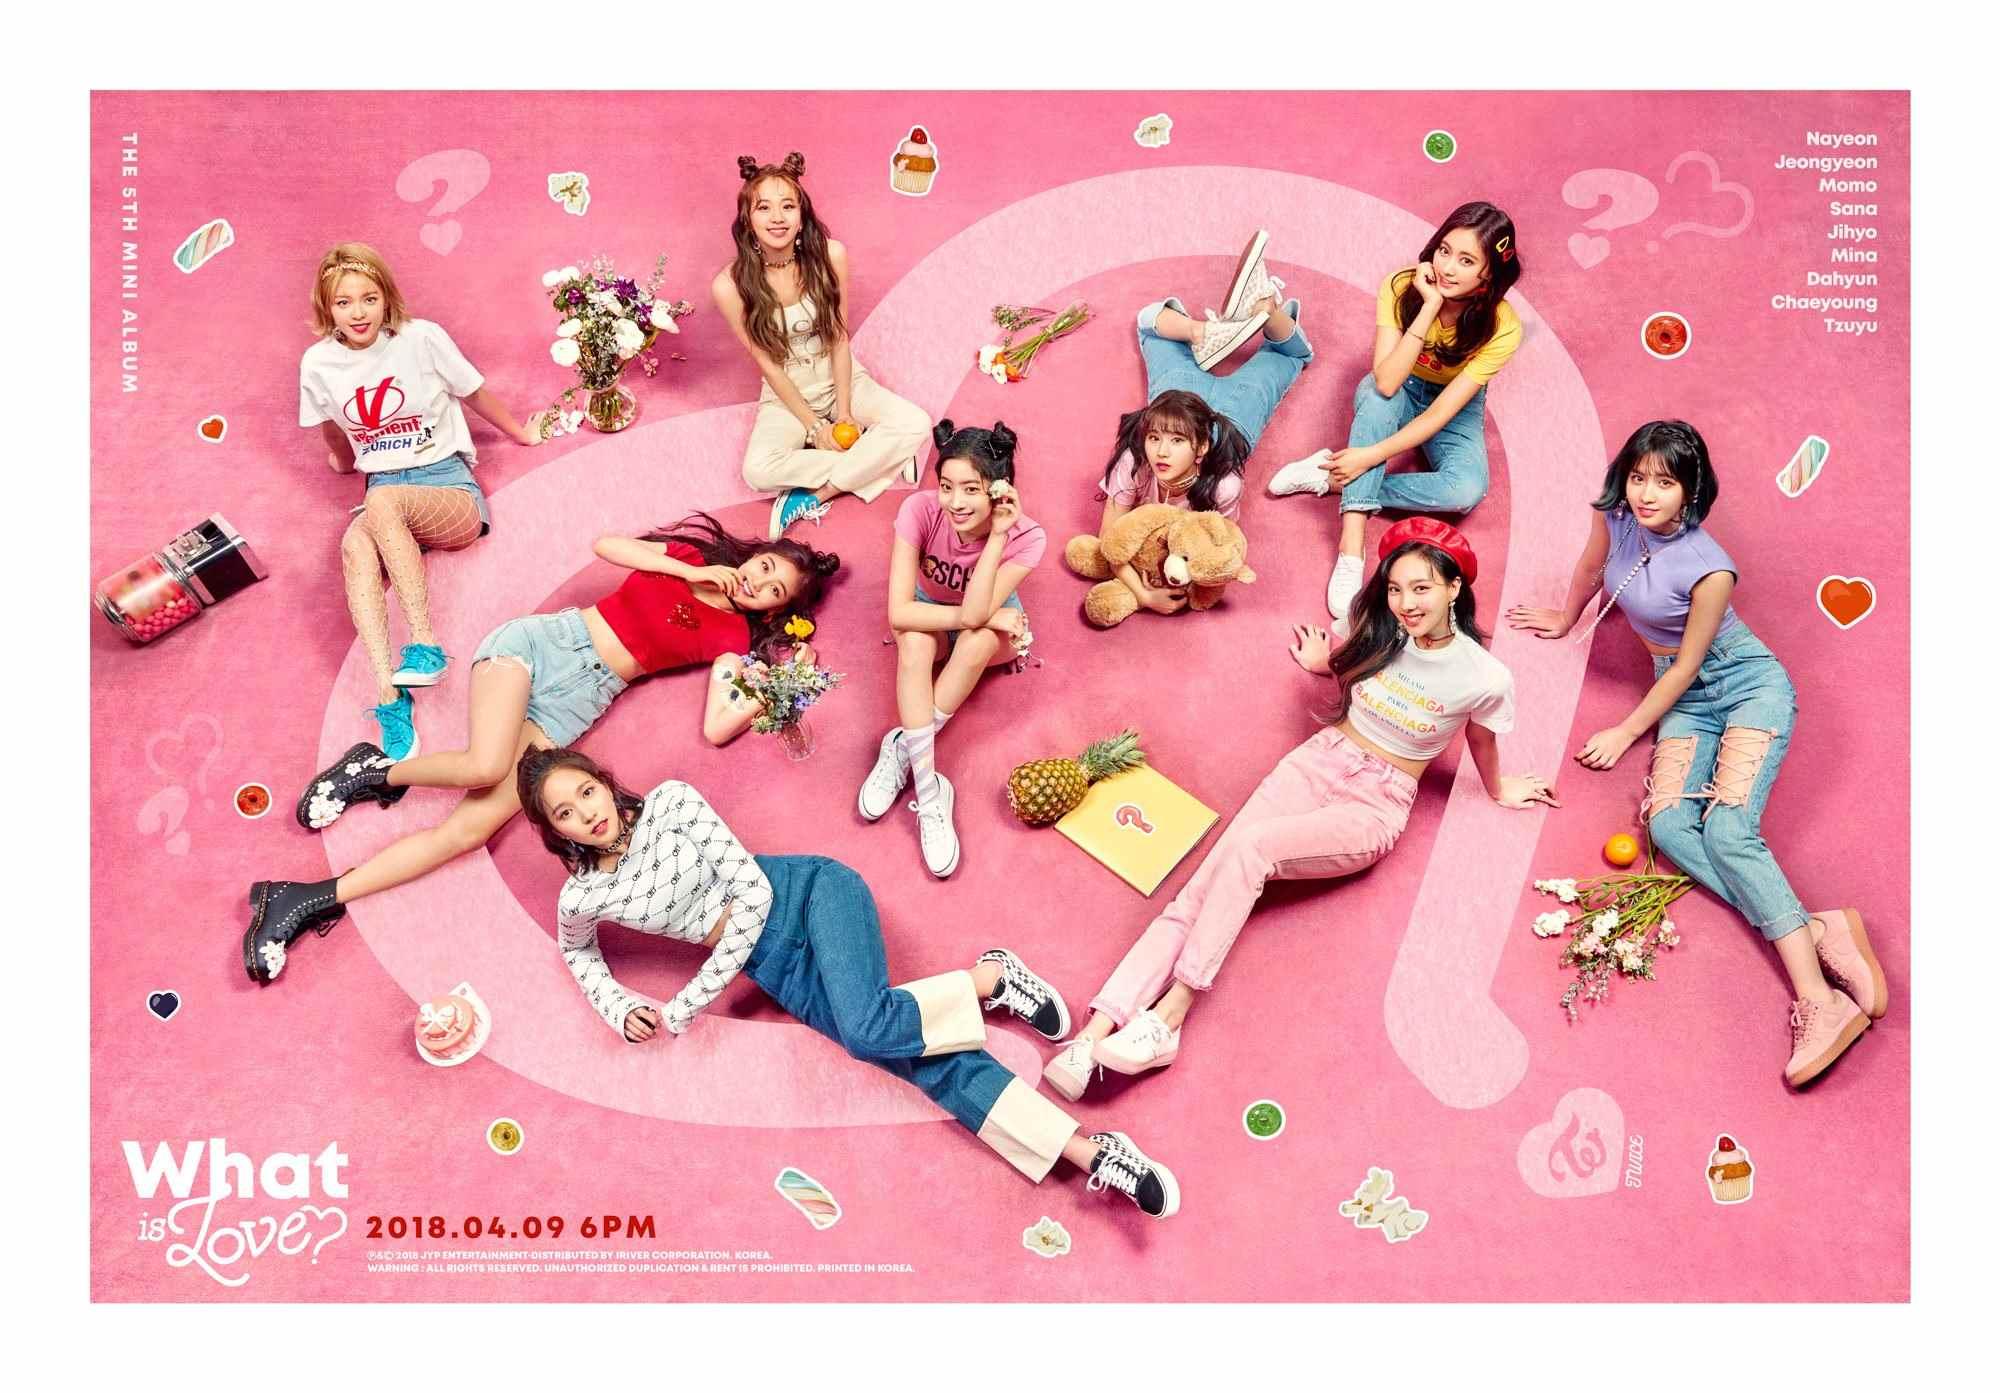 而這次新歌〈What is Love?〉是JYP繼<Signal>之後第二次親手操刀,而回想起上次<Signal>被韓網友罵翻的經驗